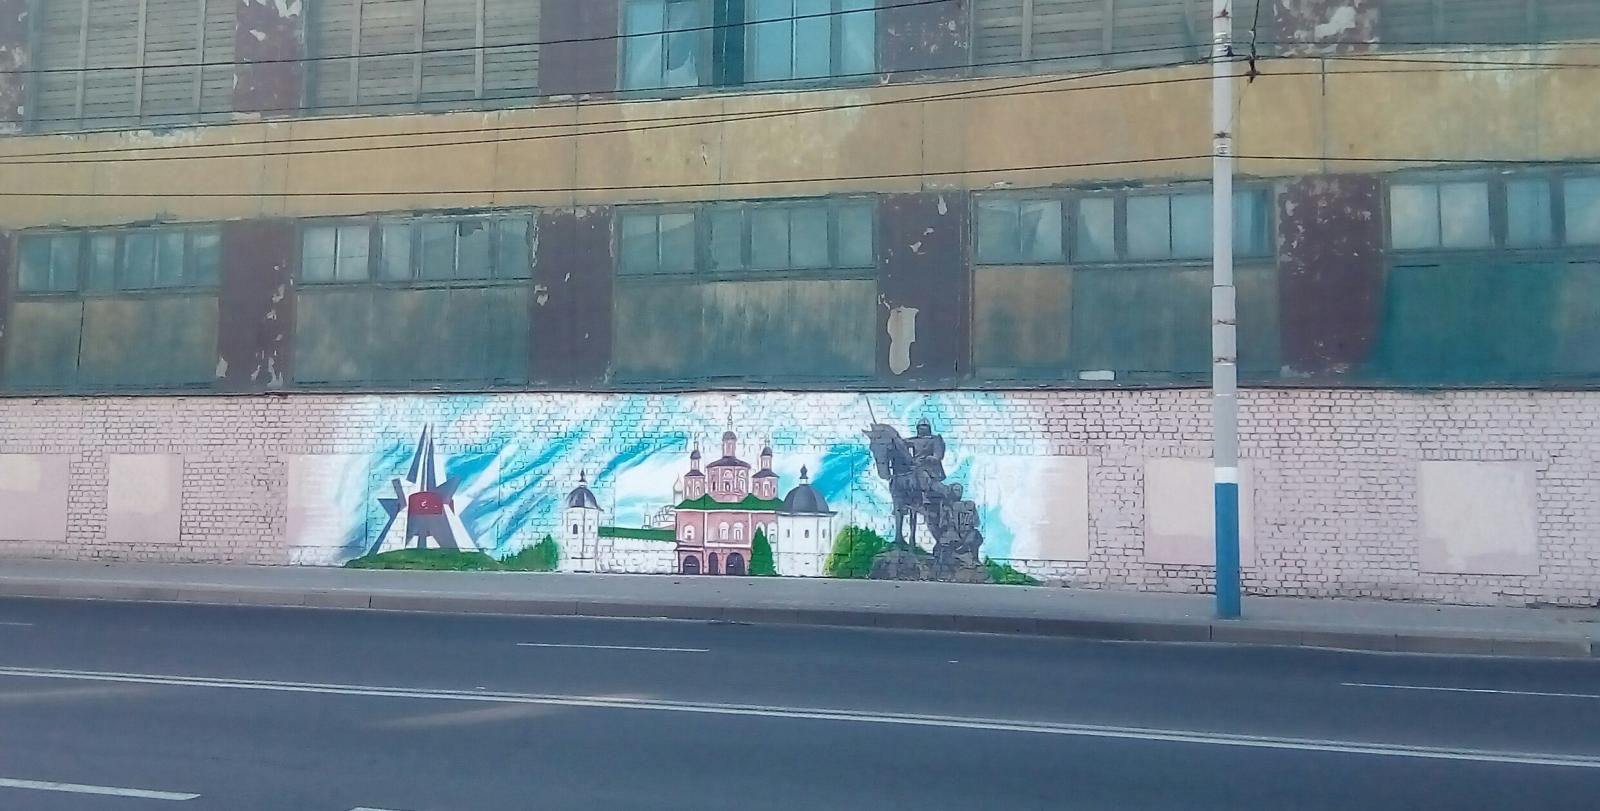 Здание Брянской фабрики украсилиграффити